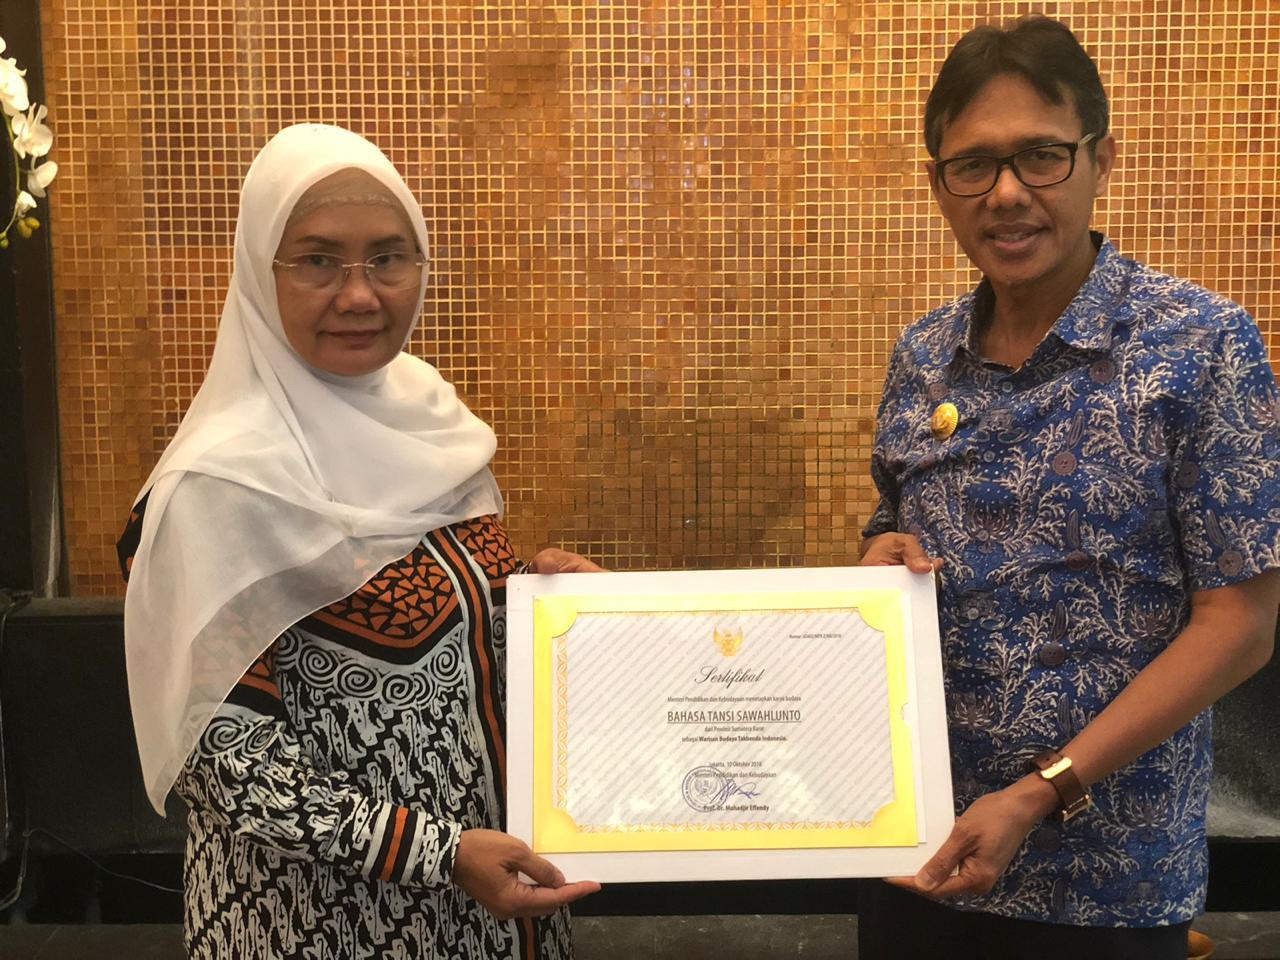 Bahasa Tnasi Sawahlunto Disahkan Sebagai Warisan Budaya Tak Benda | Sumber dok: Jurnal Sumbar